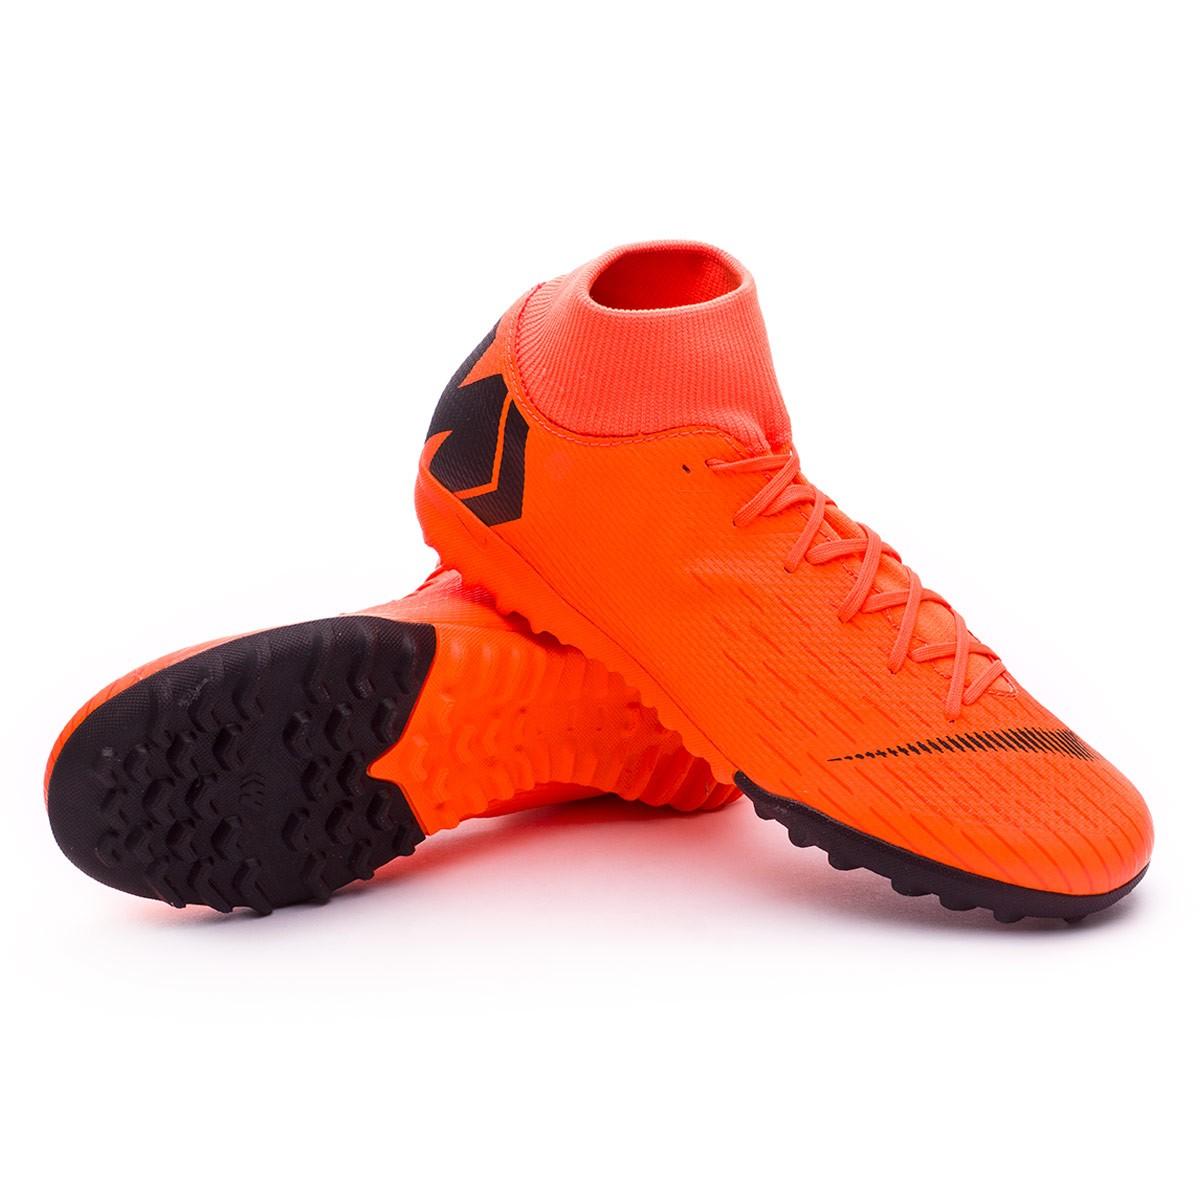 Sapatilhas Nike Mercurial SuperflyX VI Academy Turf Total orange ... 03f7df983b58e